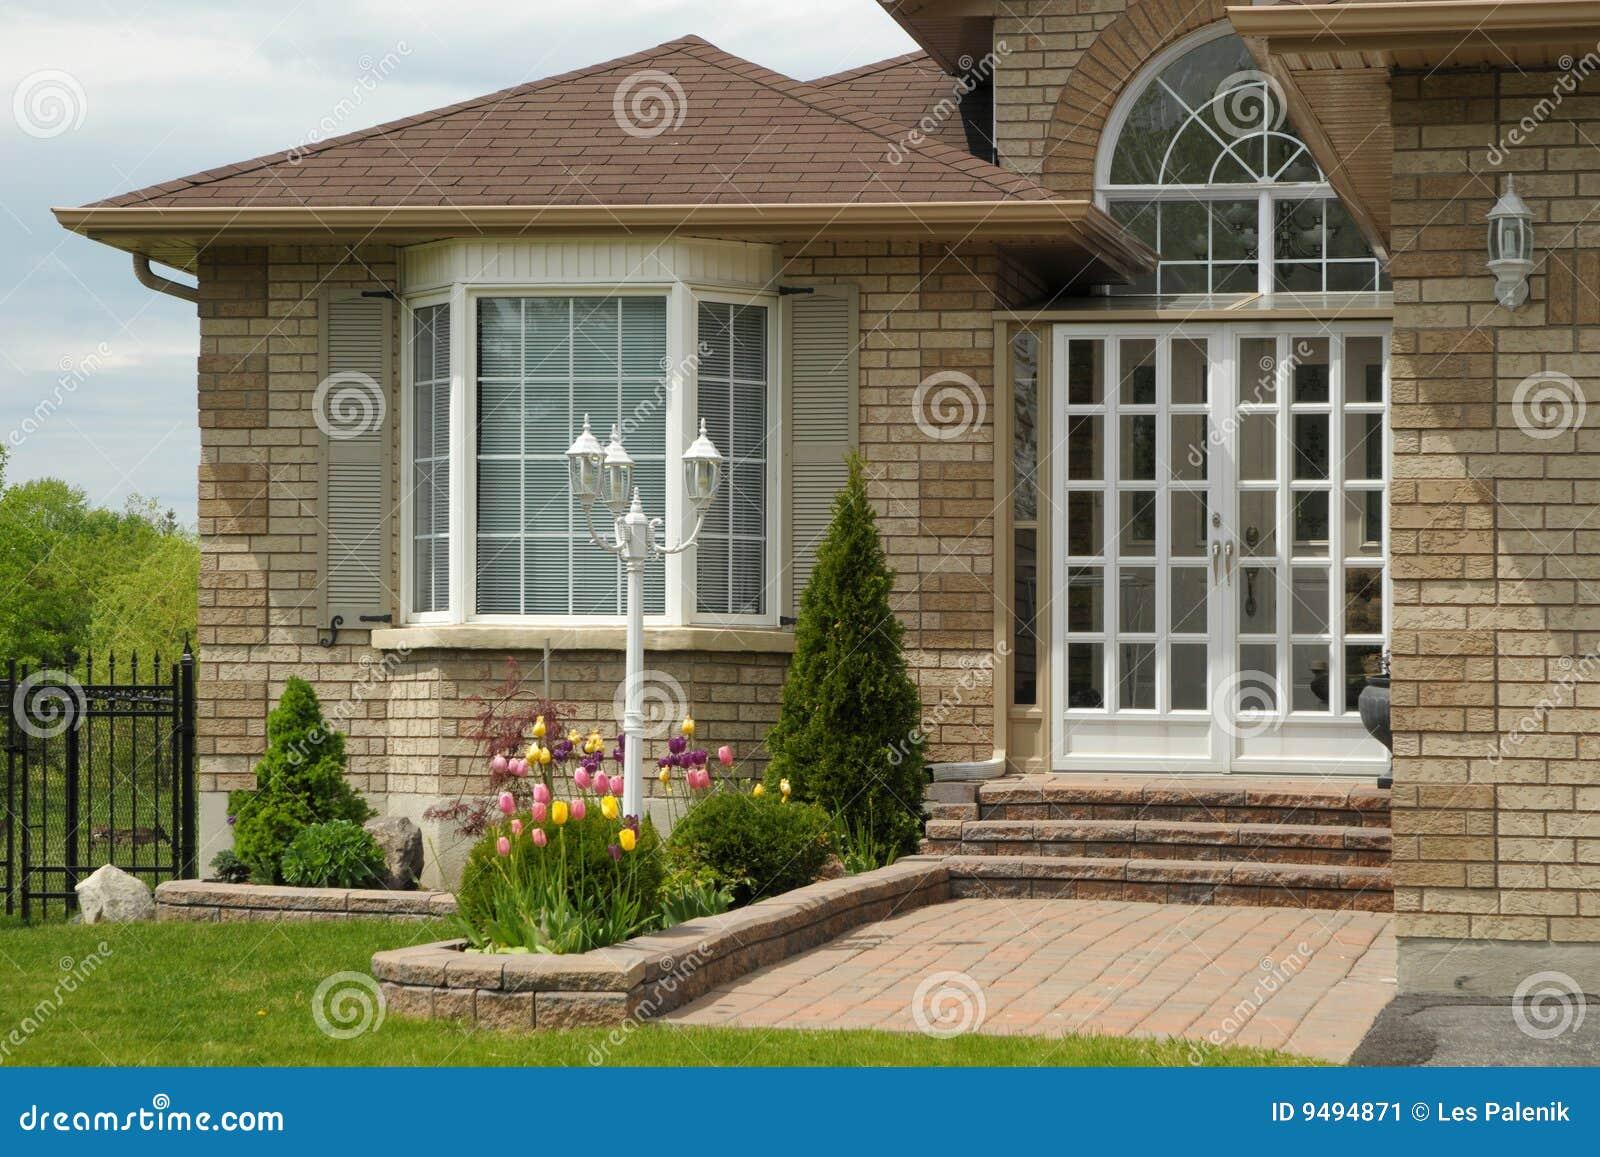 Entrada A Una Casa Moderna De La Familia Imagen de archivo - Imagen ...